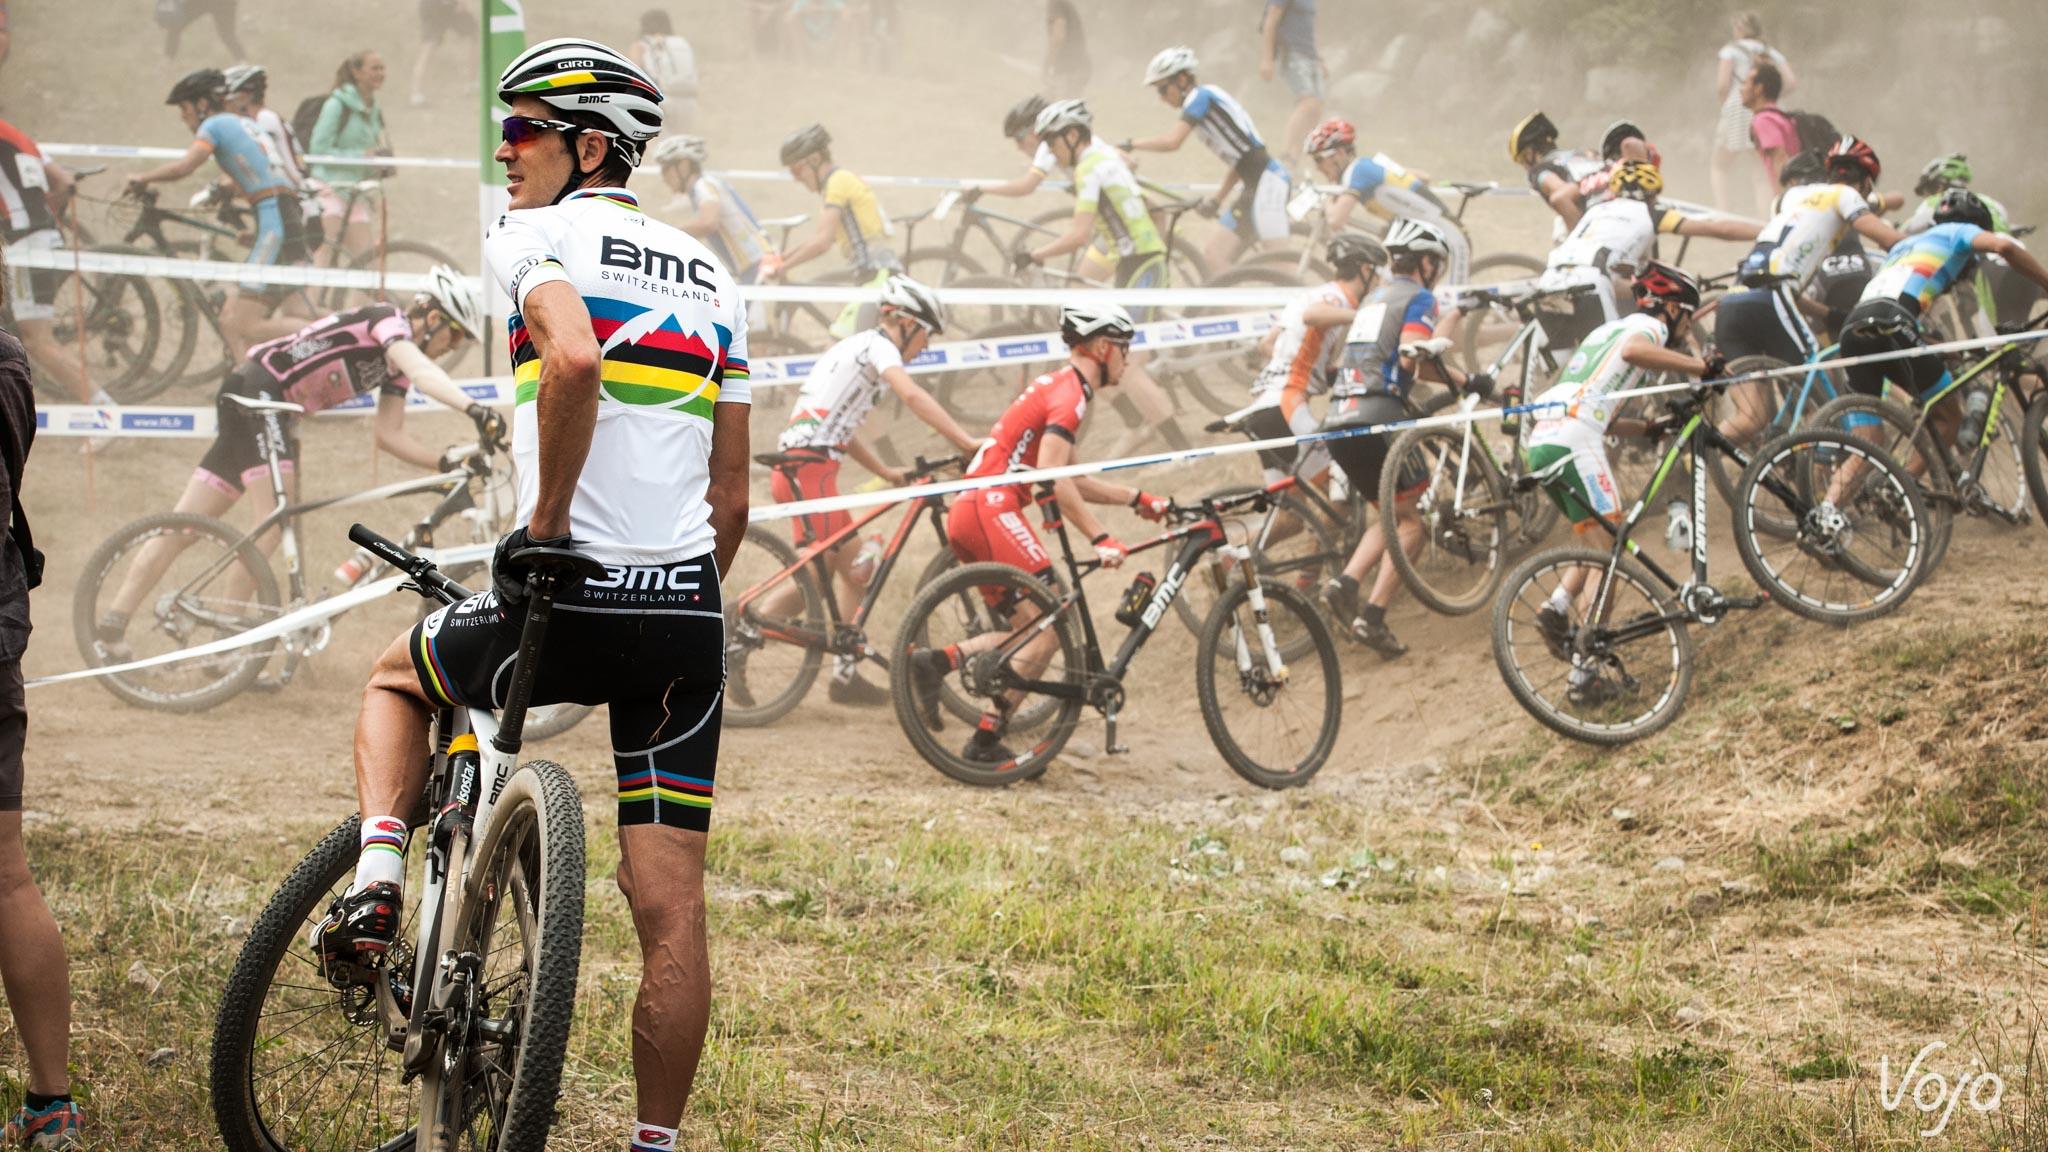 Championnats-de-france-2015-Oz-XC-Espoirs-finale-9